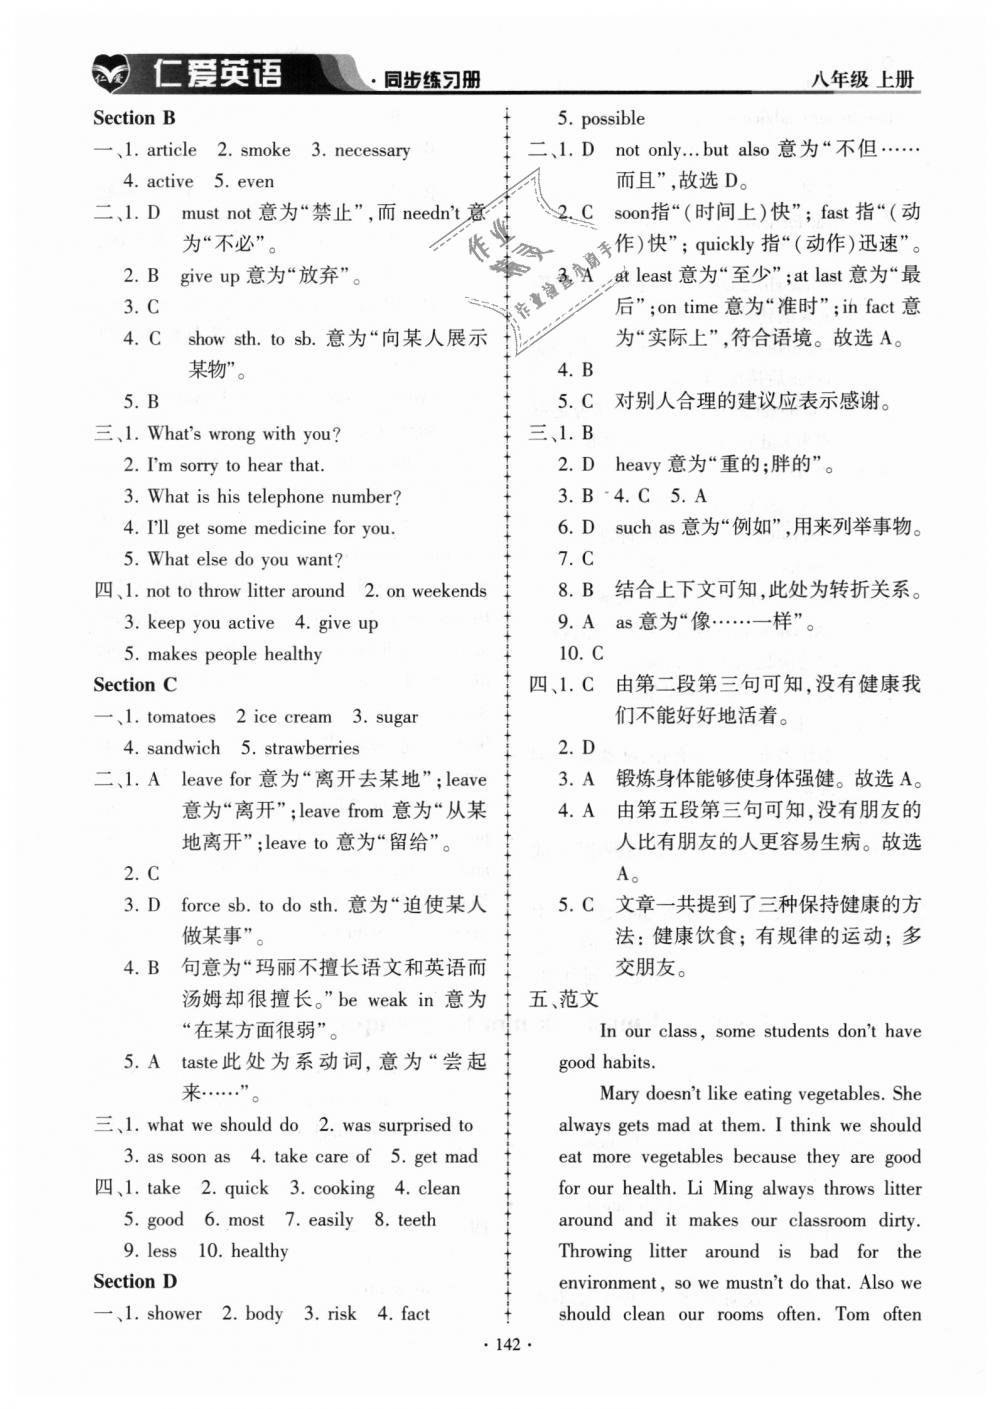 2018年仁爱英语同步练习册八年级上册E第12页